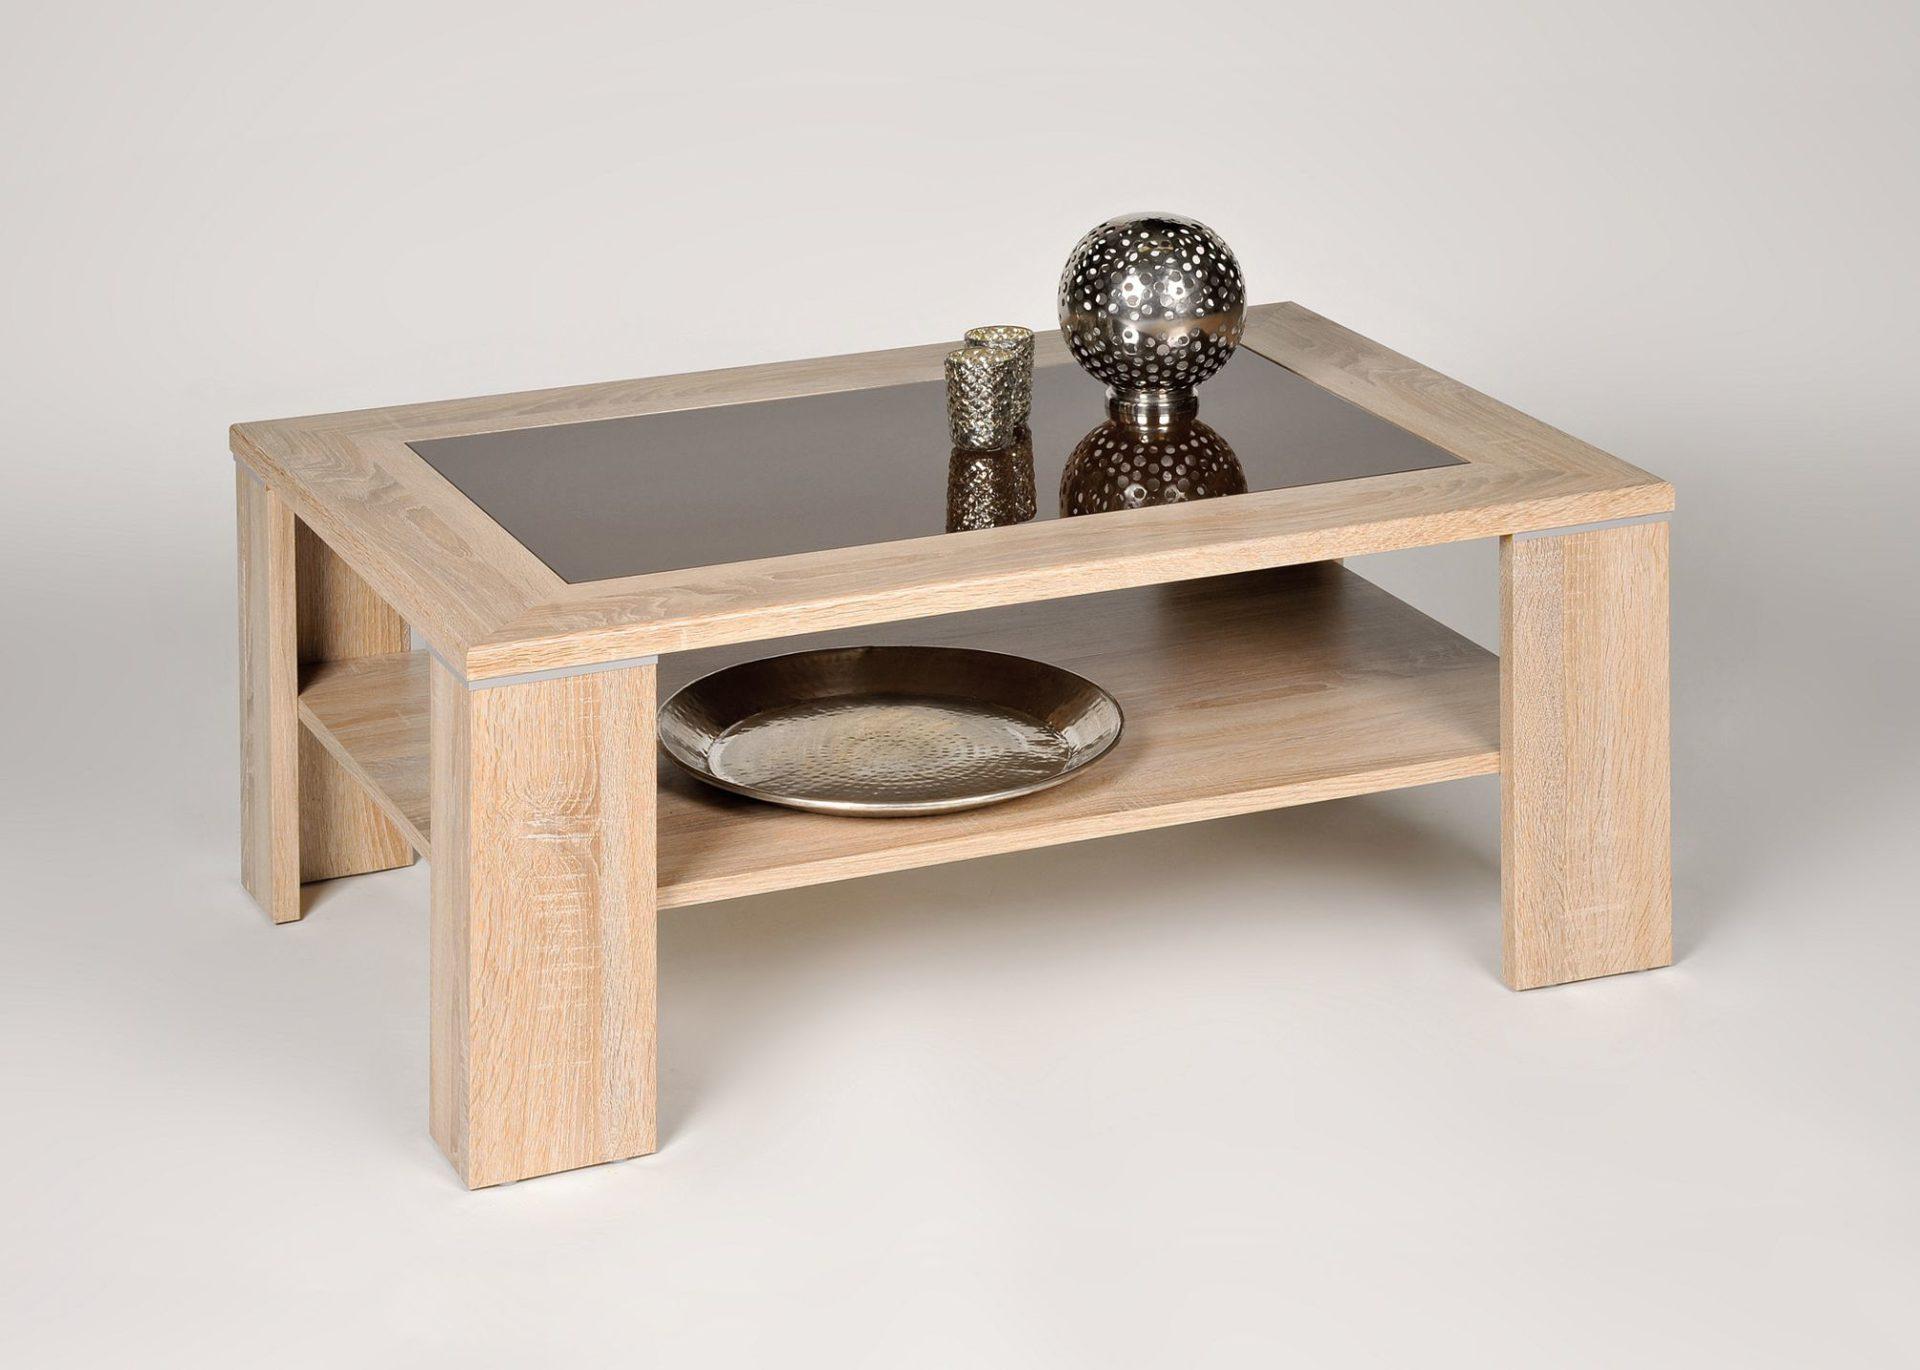 Designer Couchtisch Trend Mobel Wohnzimmertisch Aus Holz Glas